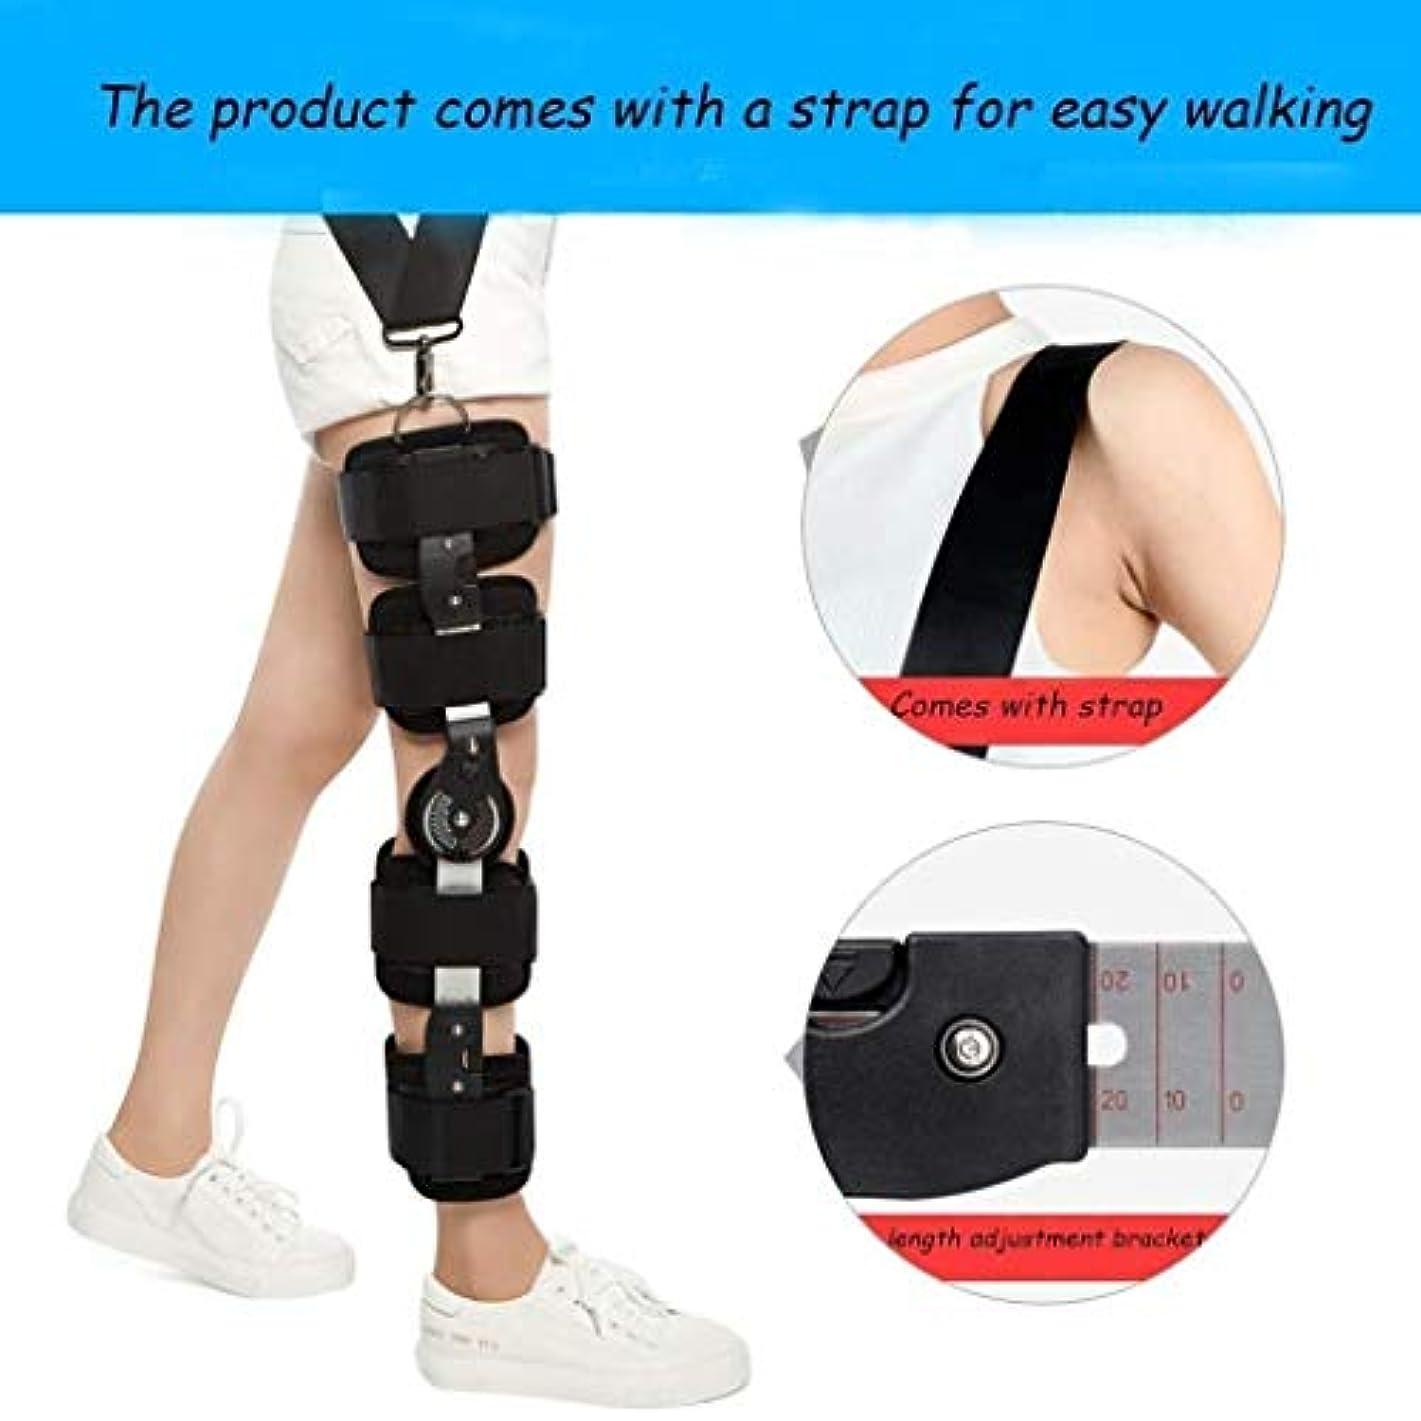 バウンスブランチ内向きヒンジ付き膝装具-怪我、治療、サポート、痛みの軽減のための調節可能な靭帯サポート